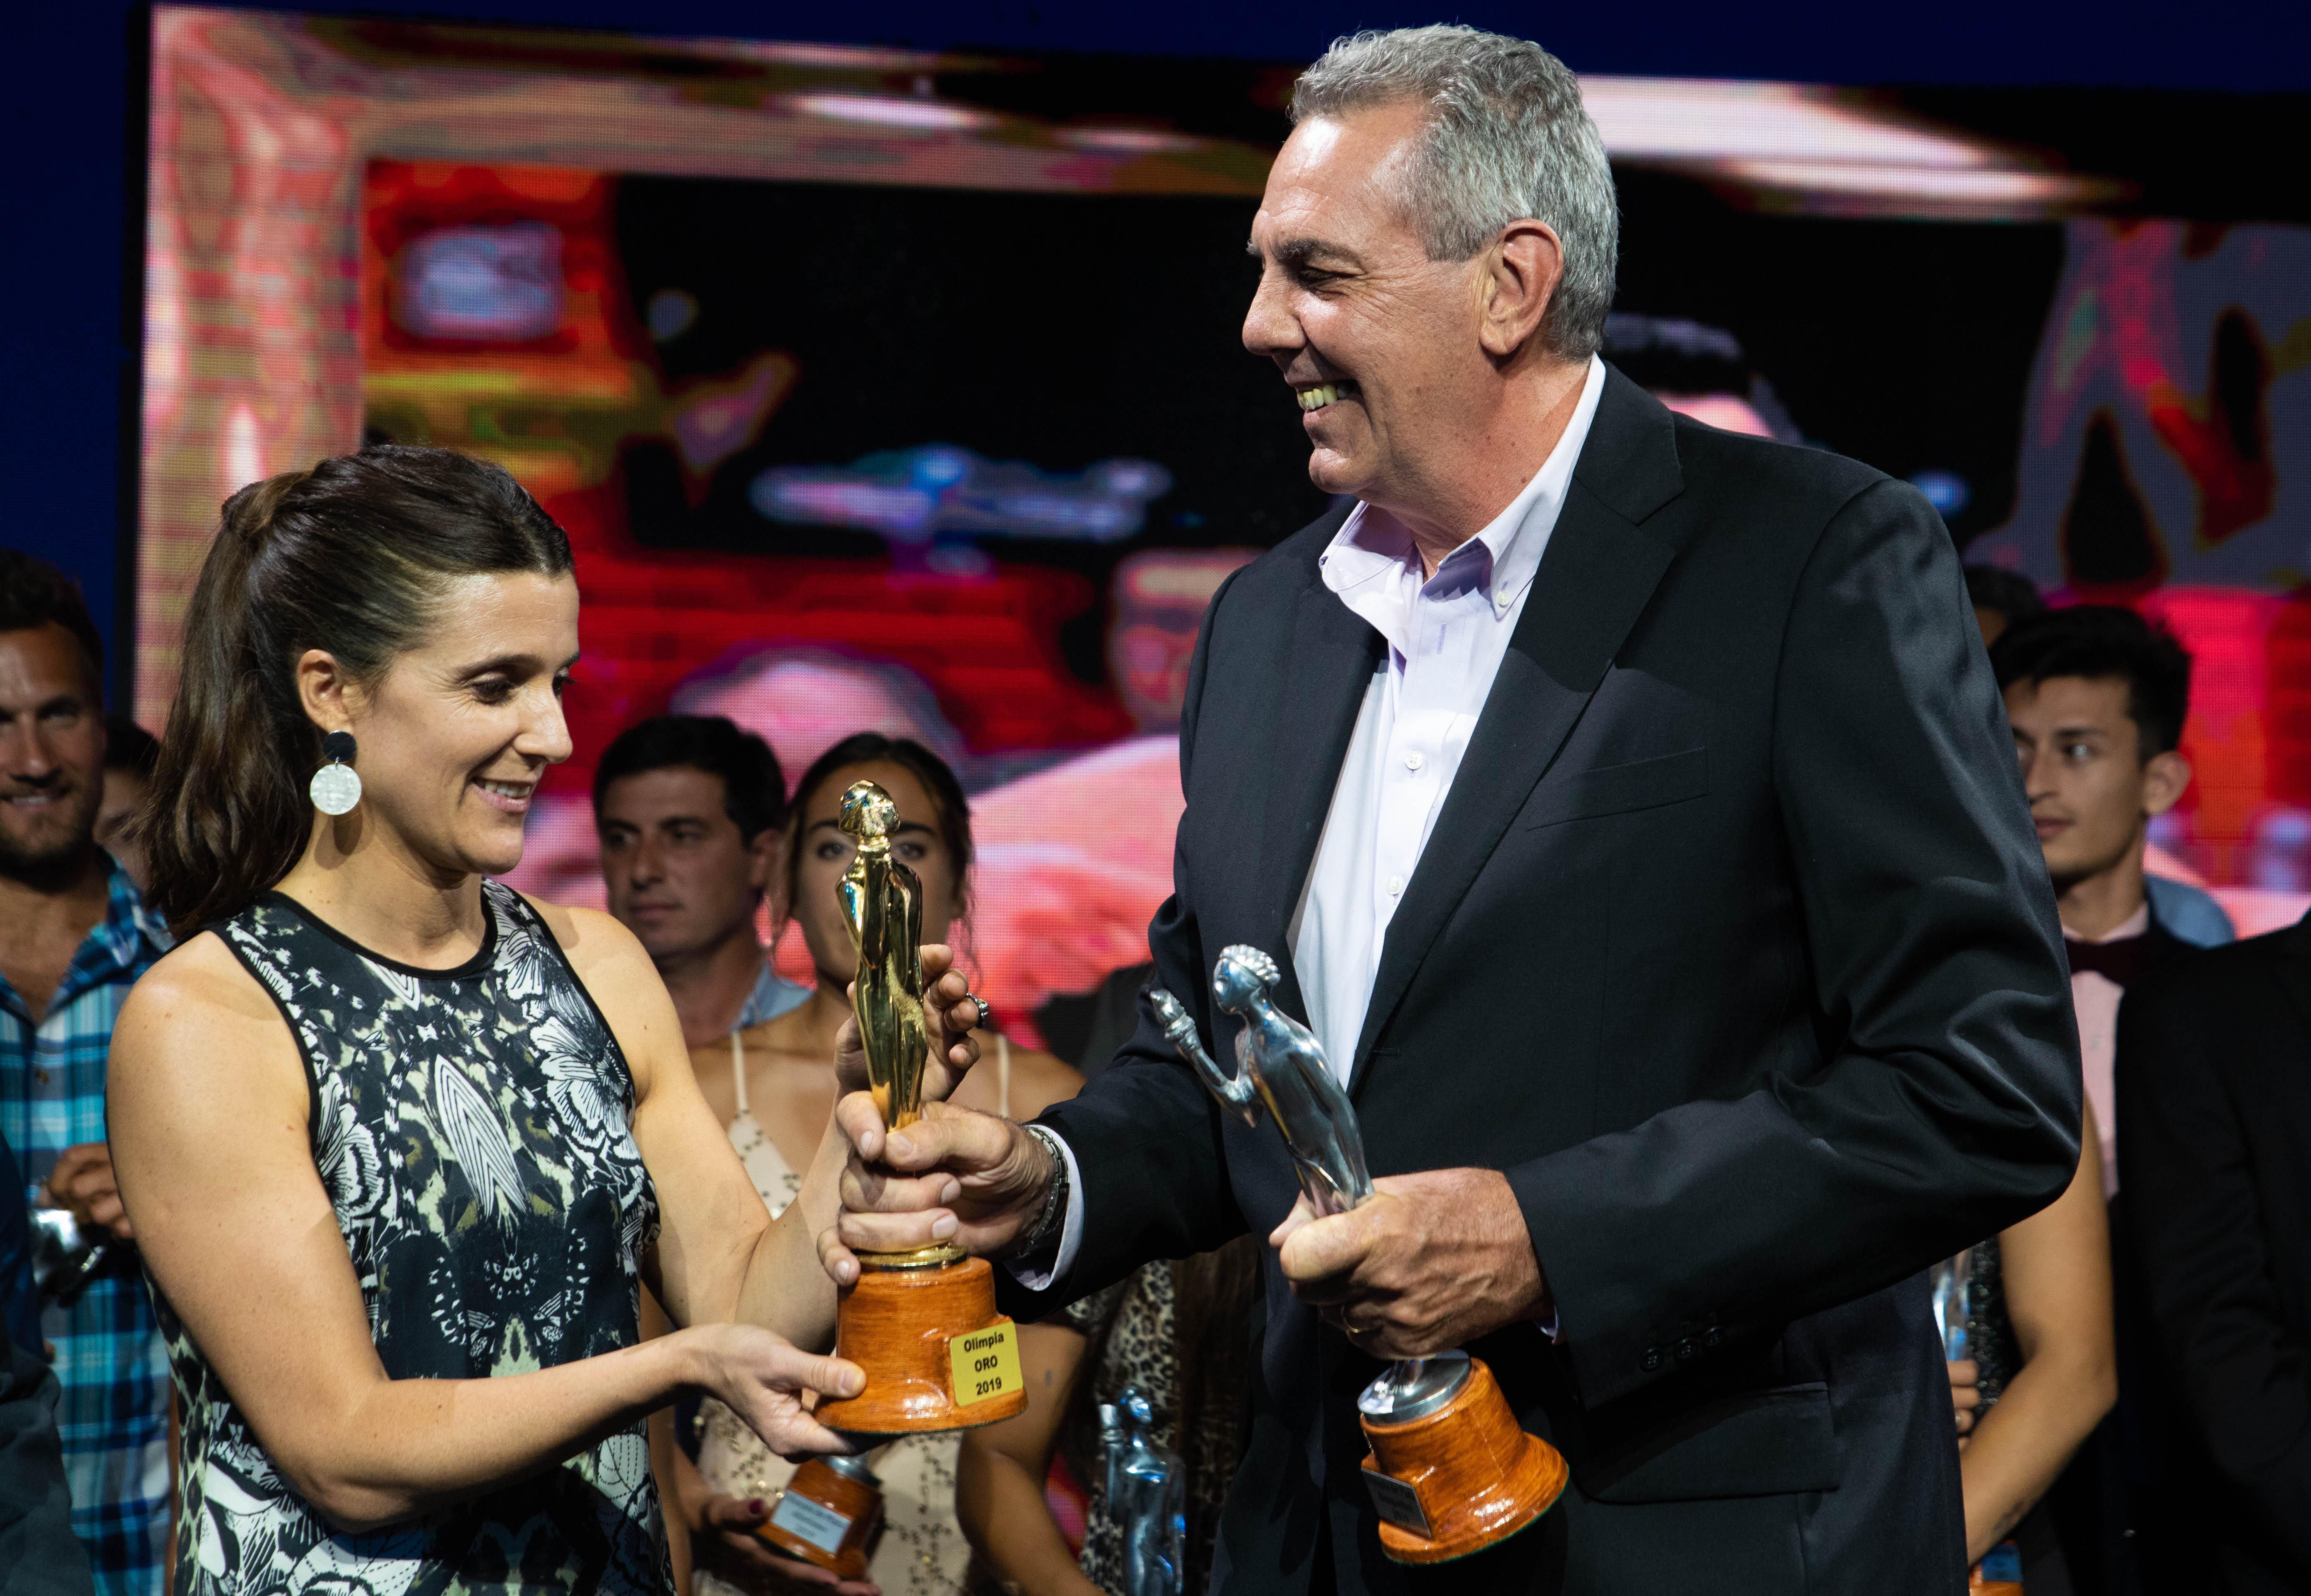 Inés Arrondo, la nueva secretaria de deportes de la Nación, le entregó el Olimpia de oro a Mario Scola, el papá de Luis